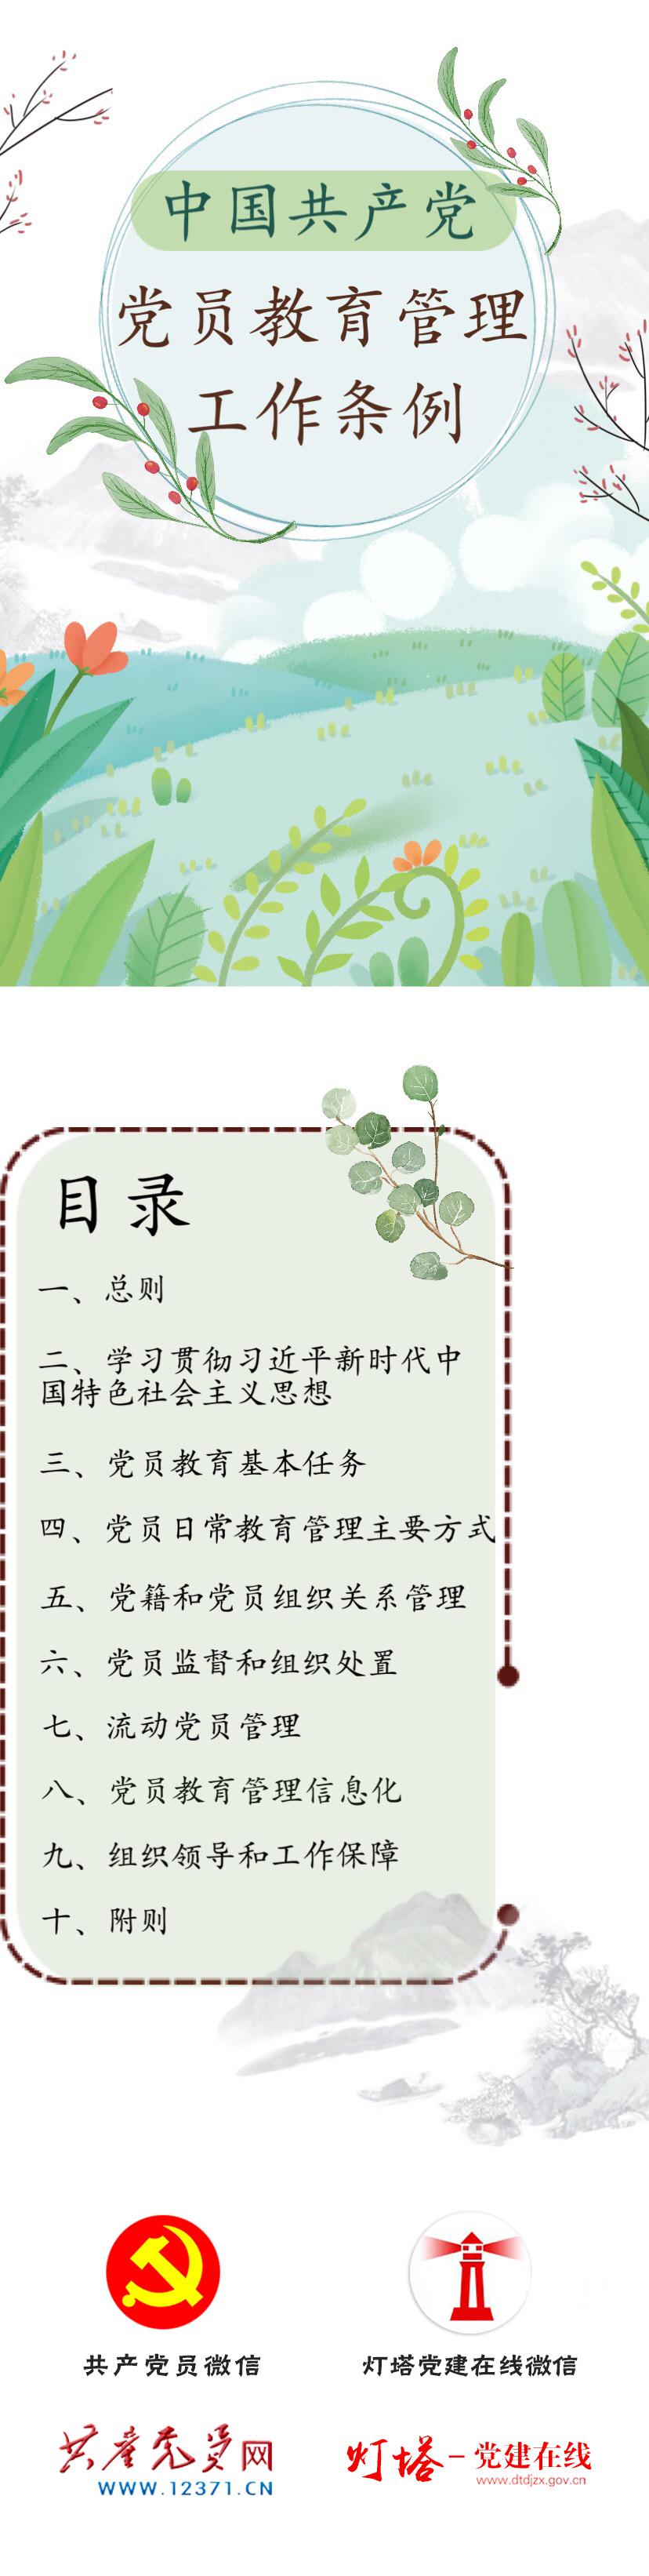 漫画版图解中国共产党党员教育管理工作条例